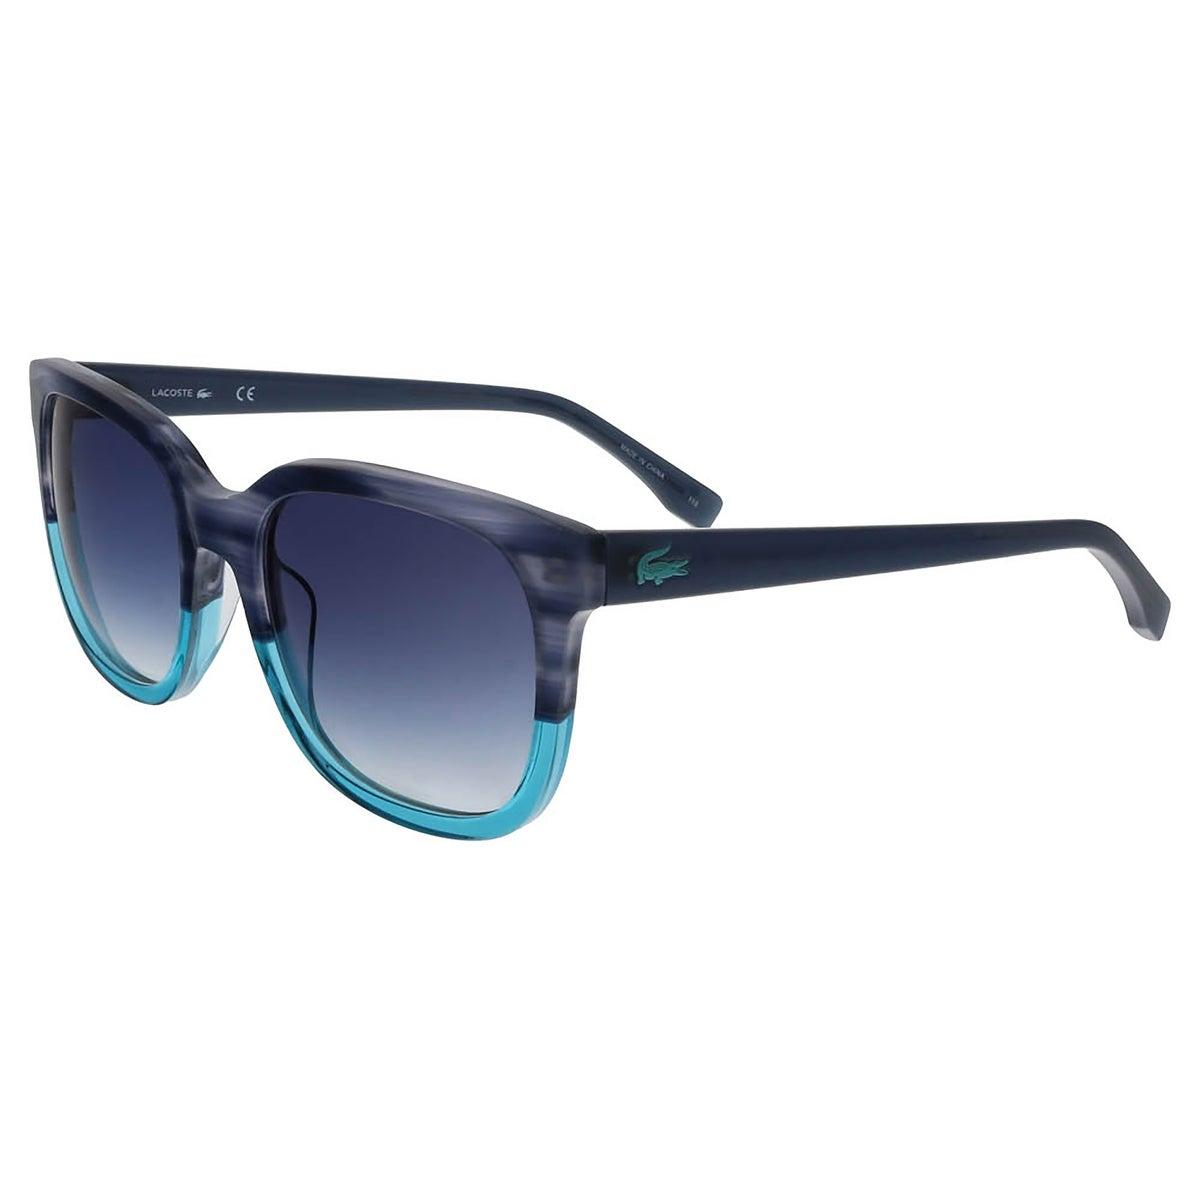 fd72529e0d Lacoste Sunglasses